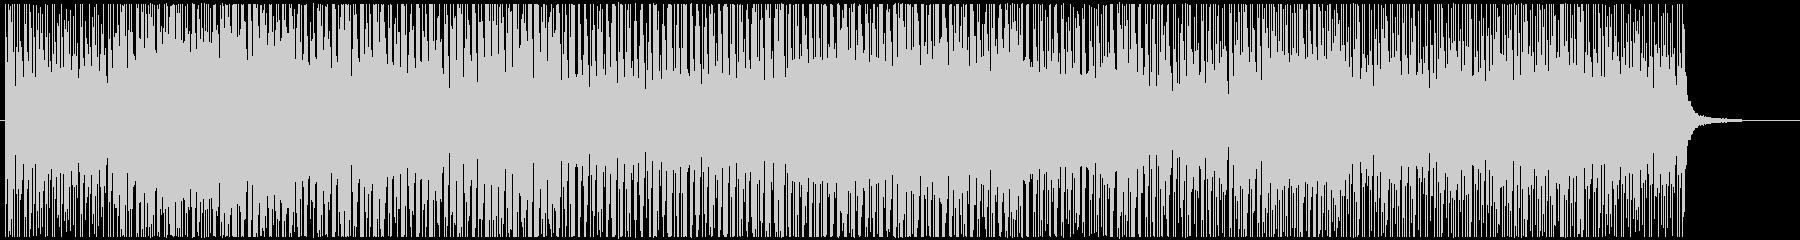 トロピカルなボサノバ風の未再生の波形